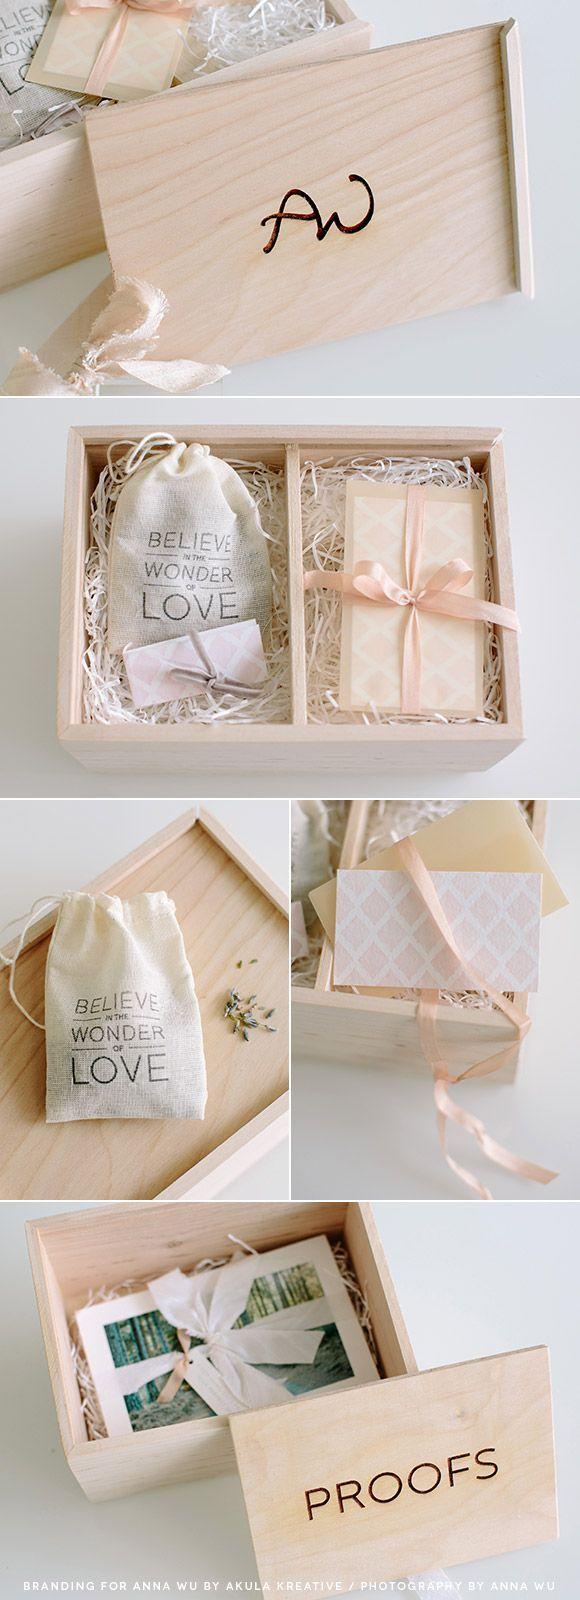 Packaging de fotografía con mucho encanto | Holamama blog